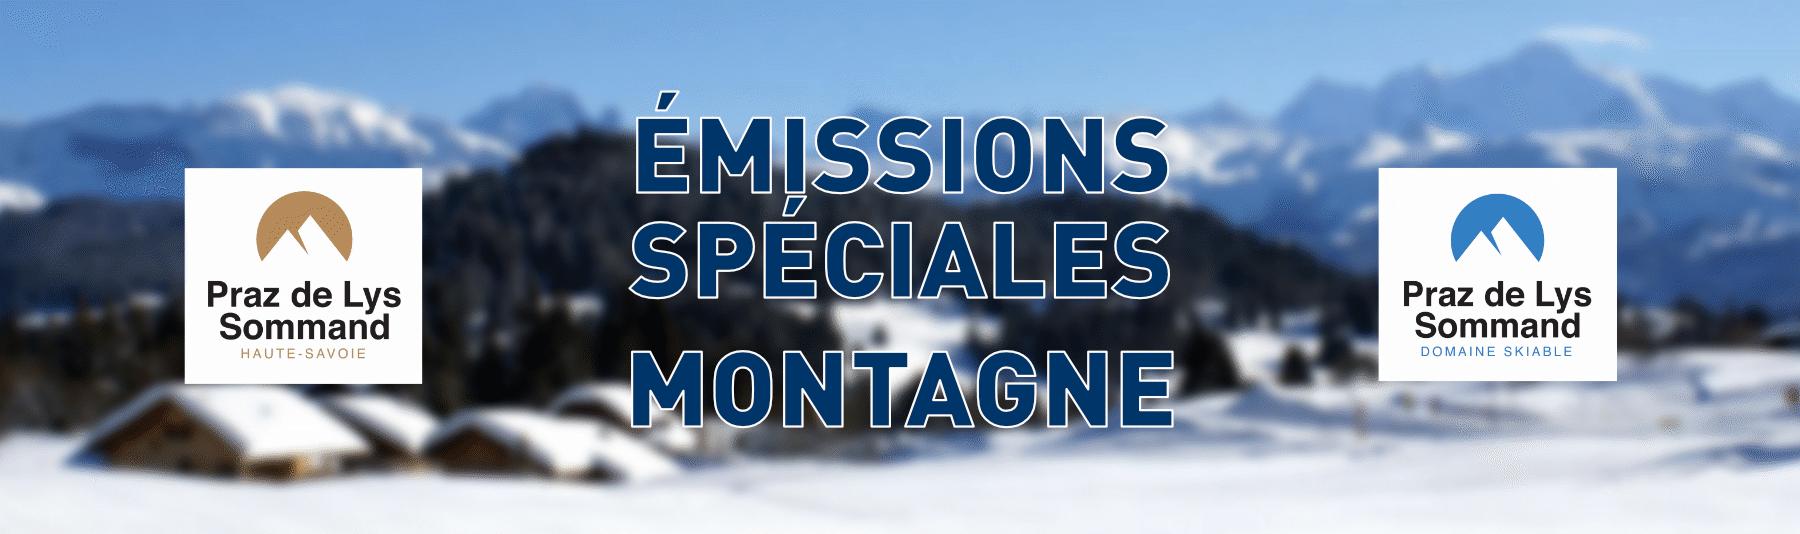 Emissions Spéciales Montagne